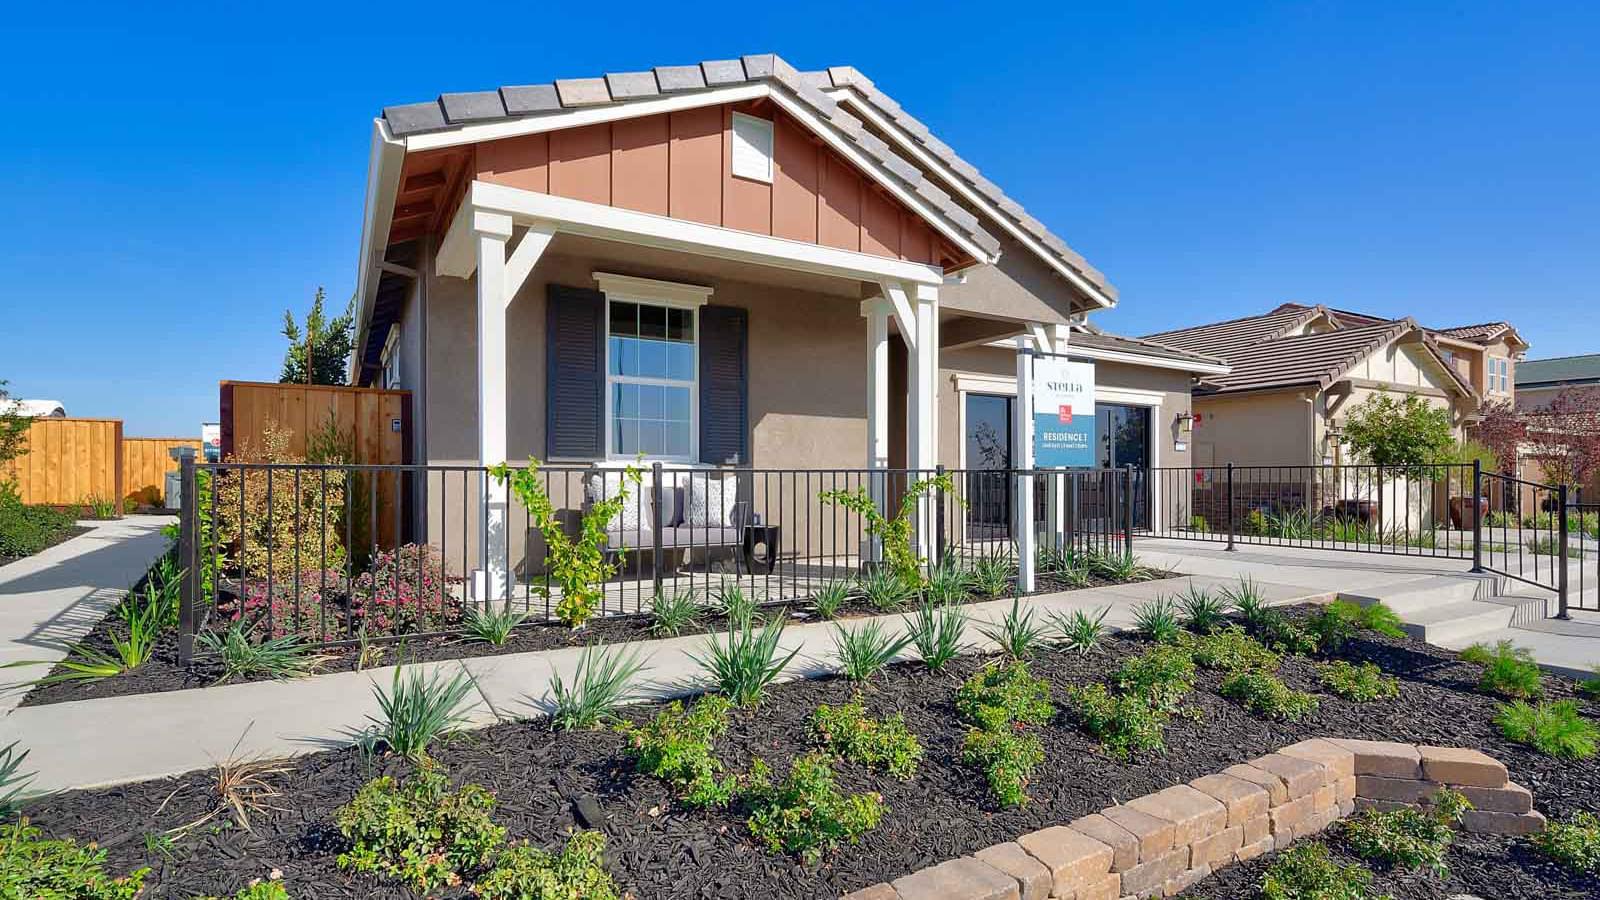 Residence 1 Model